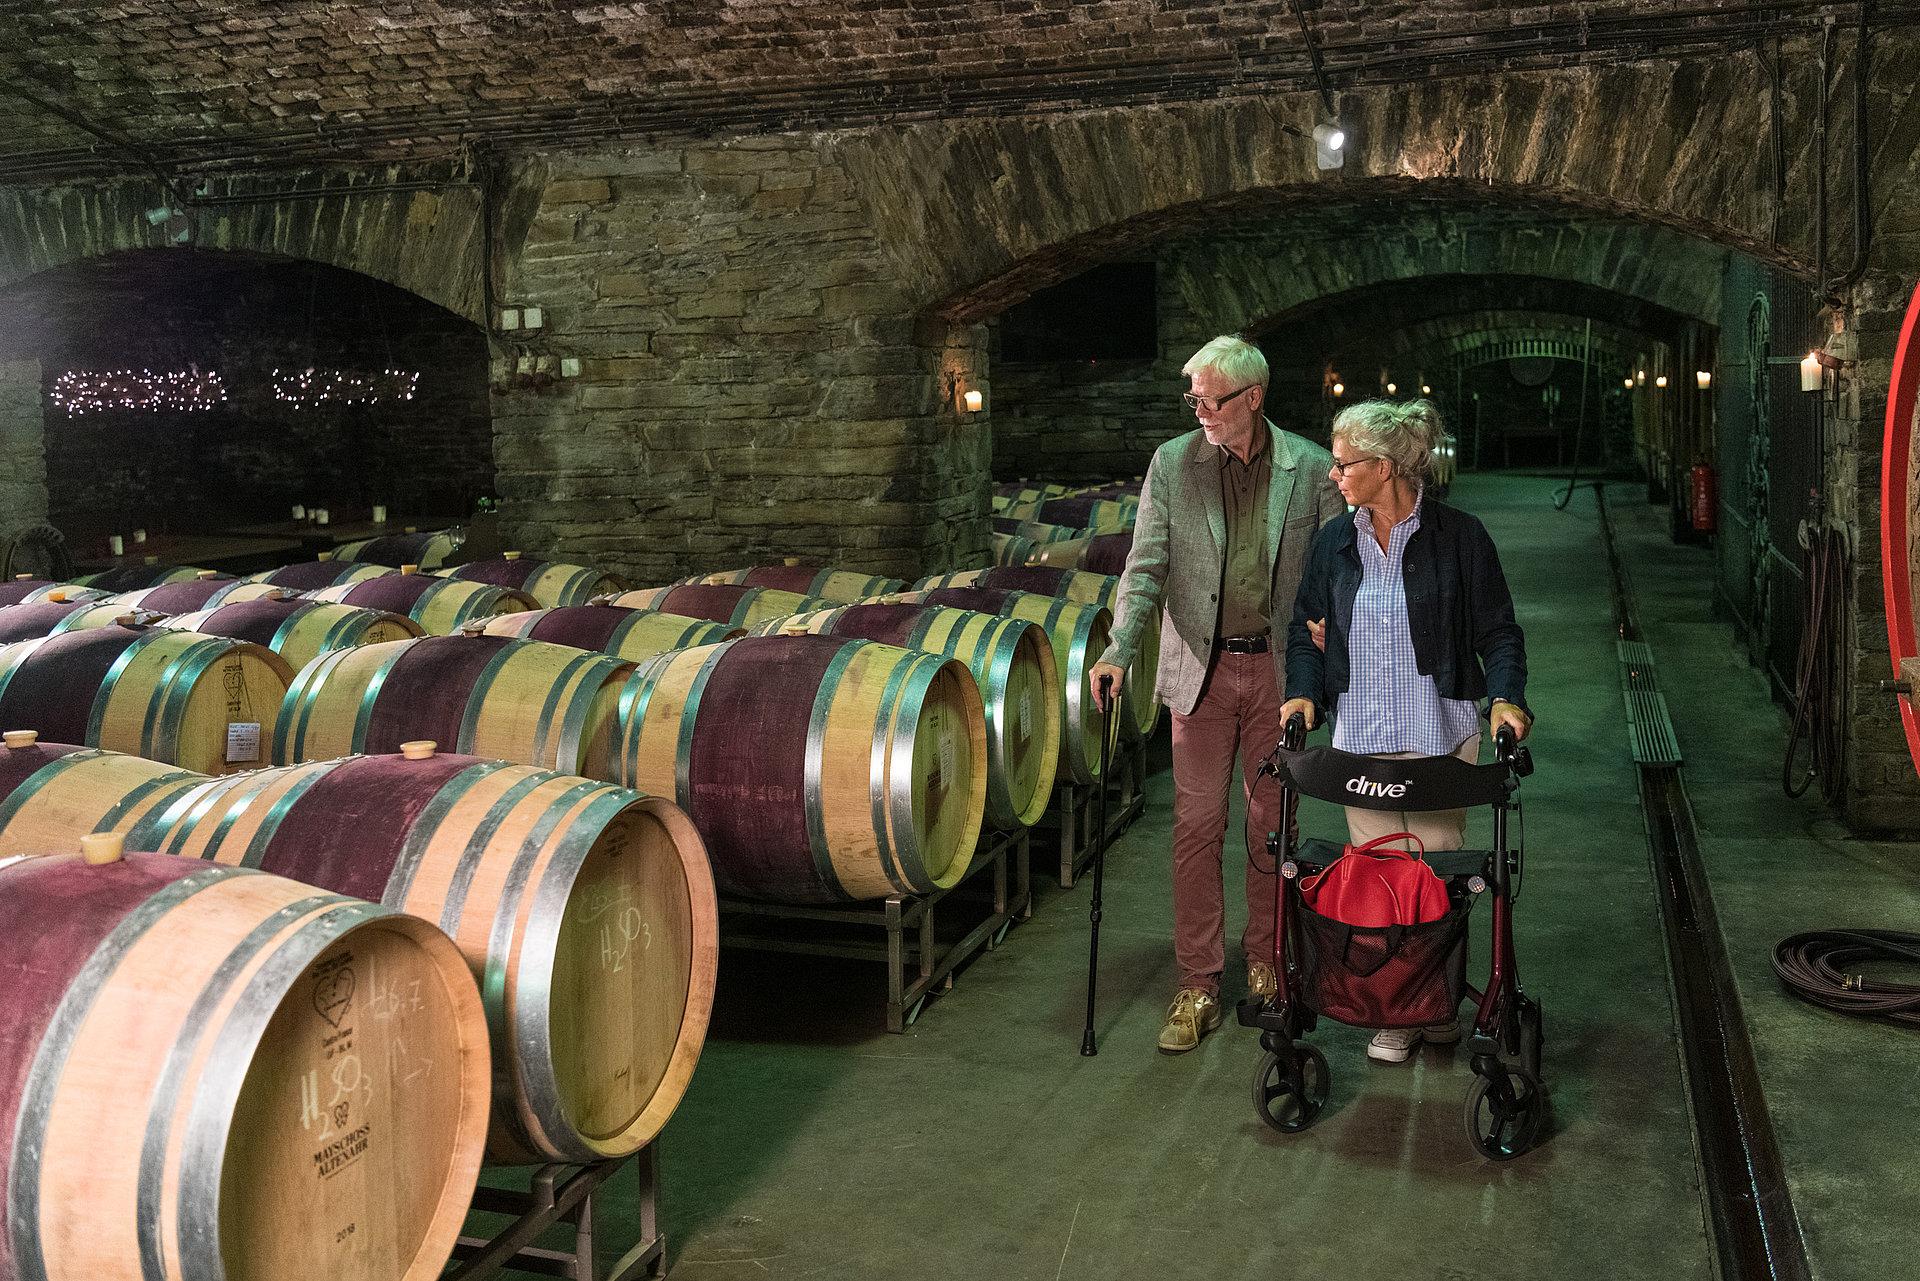 Besuch im Weinkeller der Winzergenossenschaft Mayschoß, Ahrtal